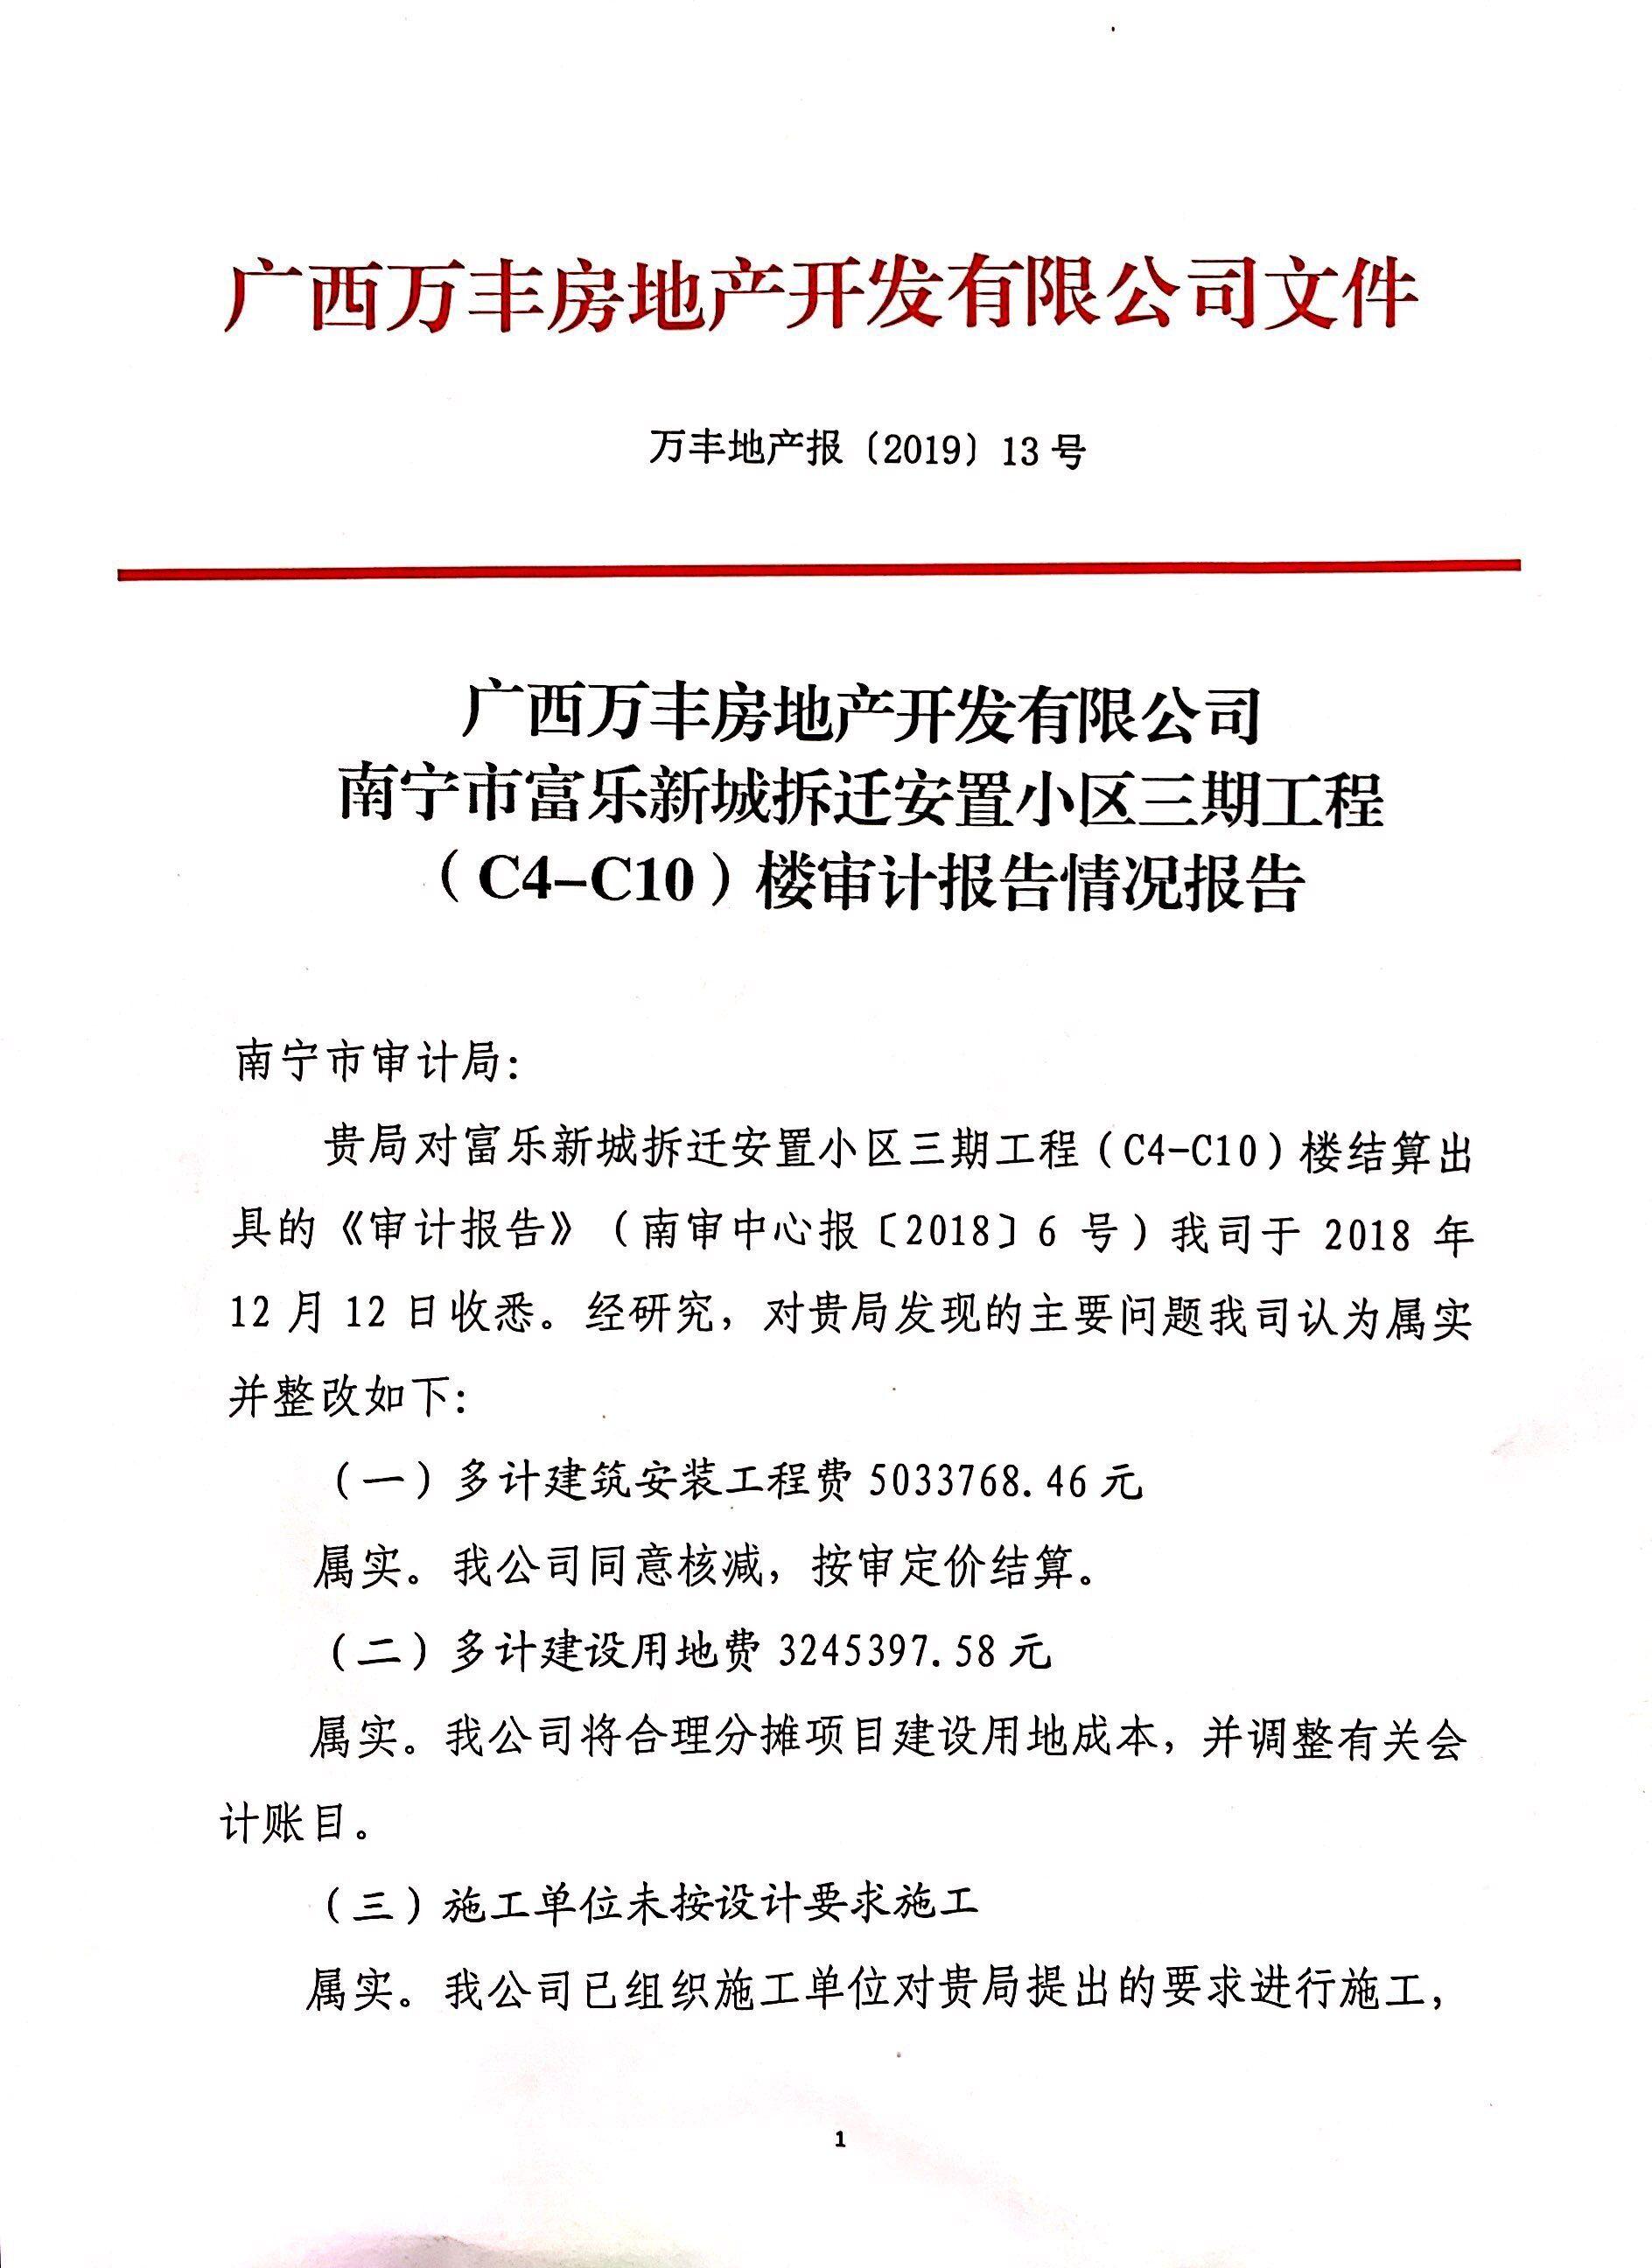 南宁市富乐新城拆迁安置小区三期工程(C4-C10)楼审计报告情况报告